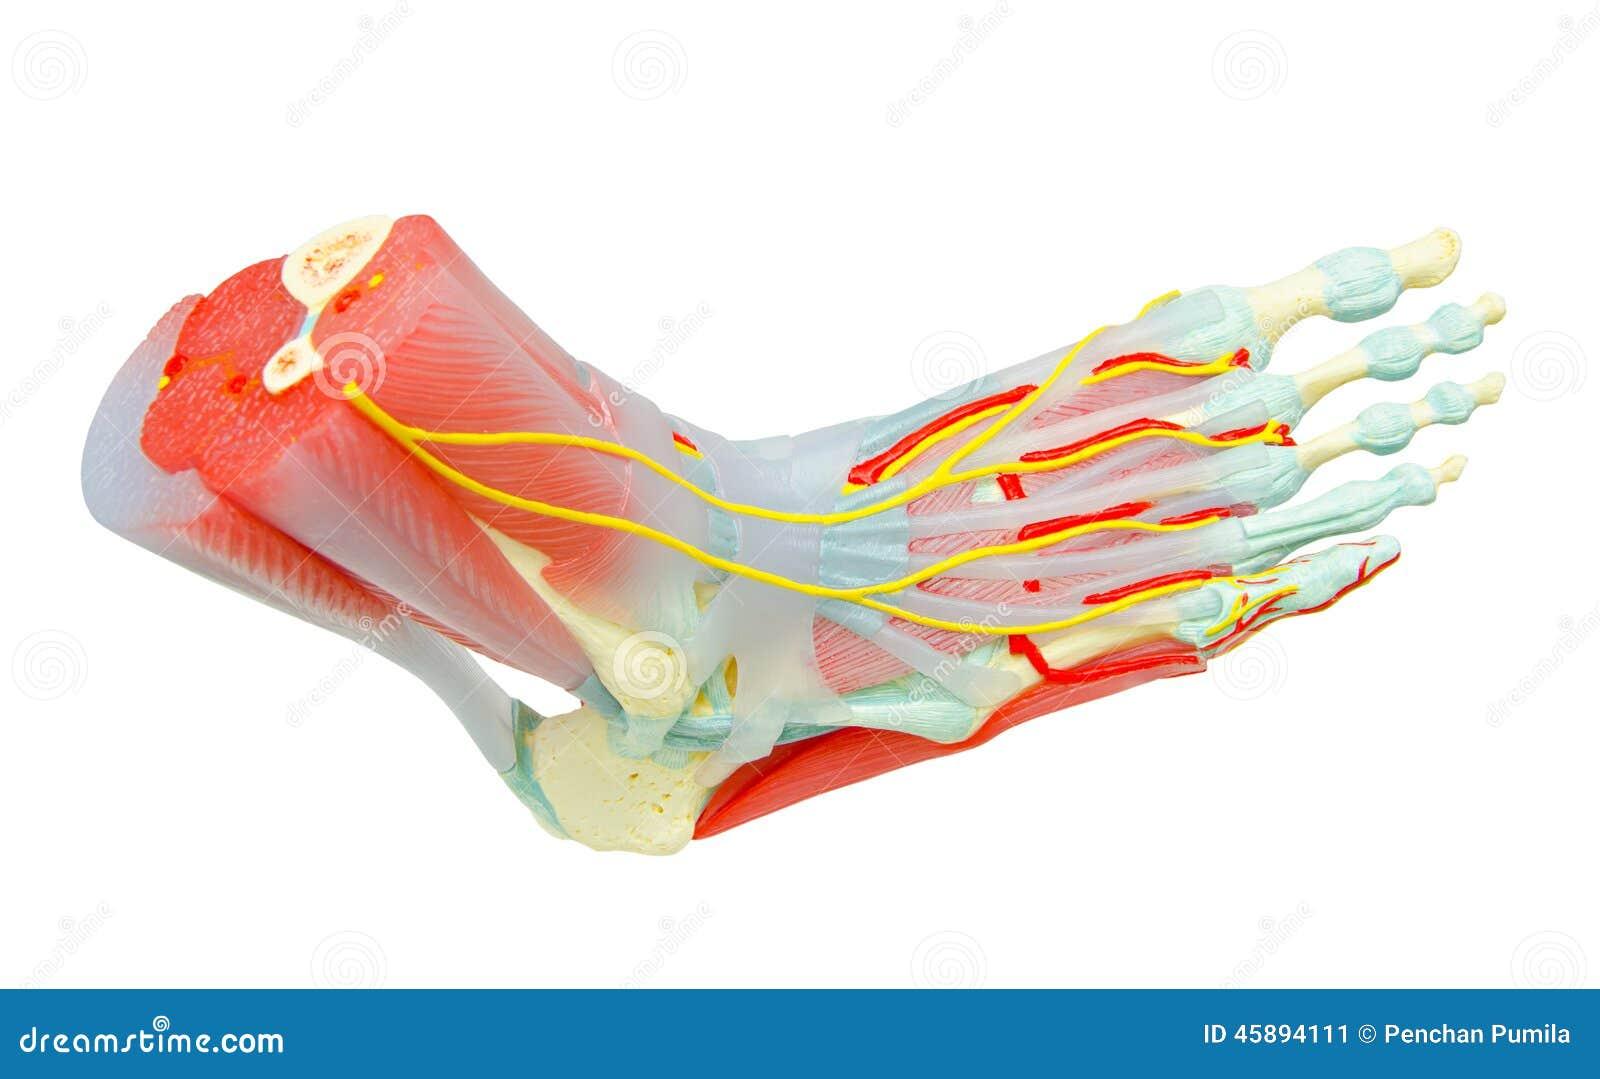 Menschlicher Fuß Mischt Anatomie-Modell Mit Stockbild - Bild von ...